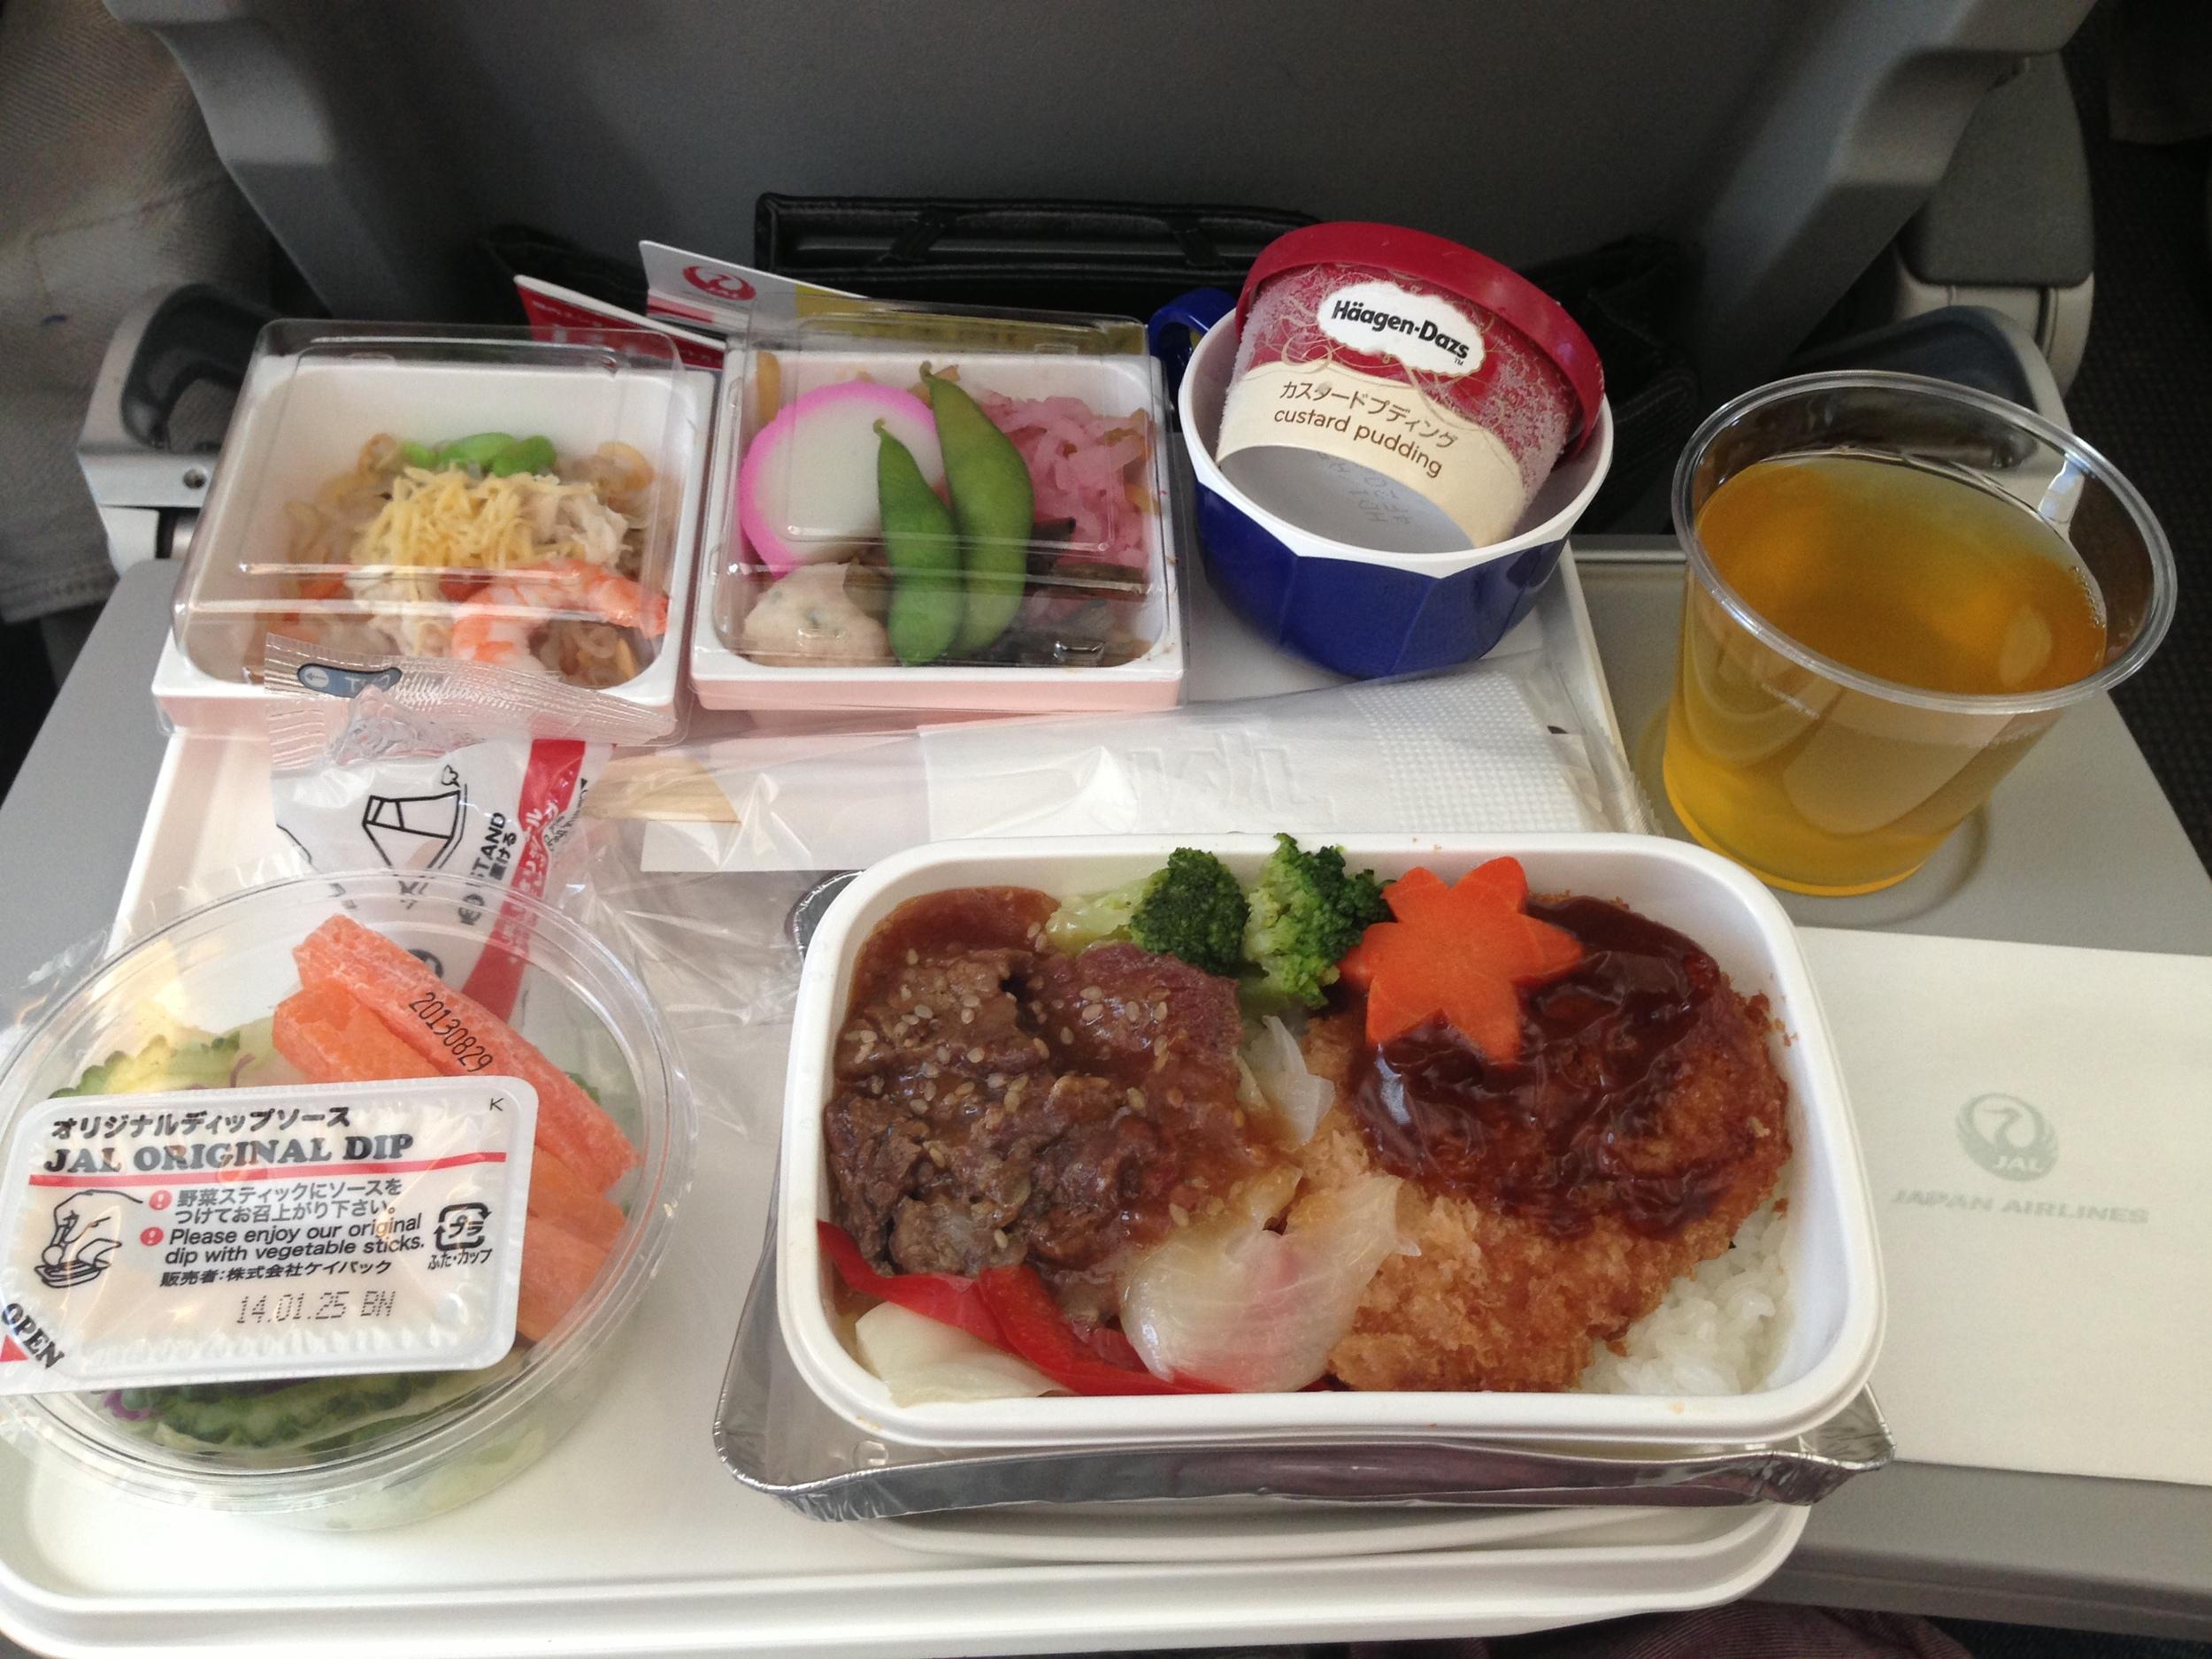 Essen in der Economy Class von Japan Airlines (Bildquelle: ordtoanywhere.com)